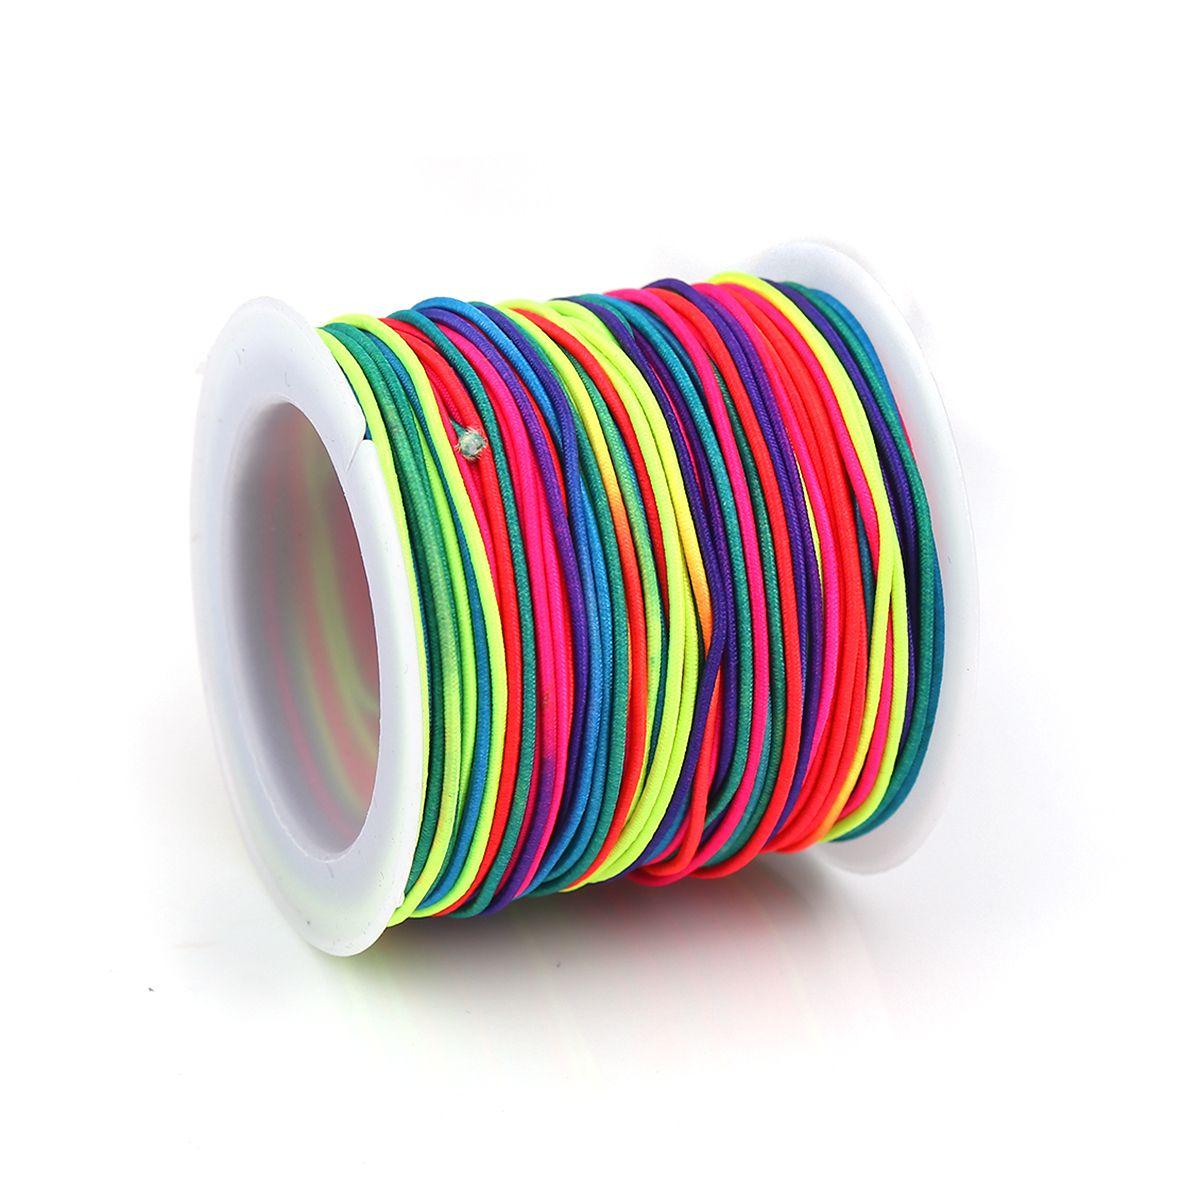 Elastikband Regenbogenfarben 1 Rolle 1 mm Stärke